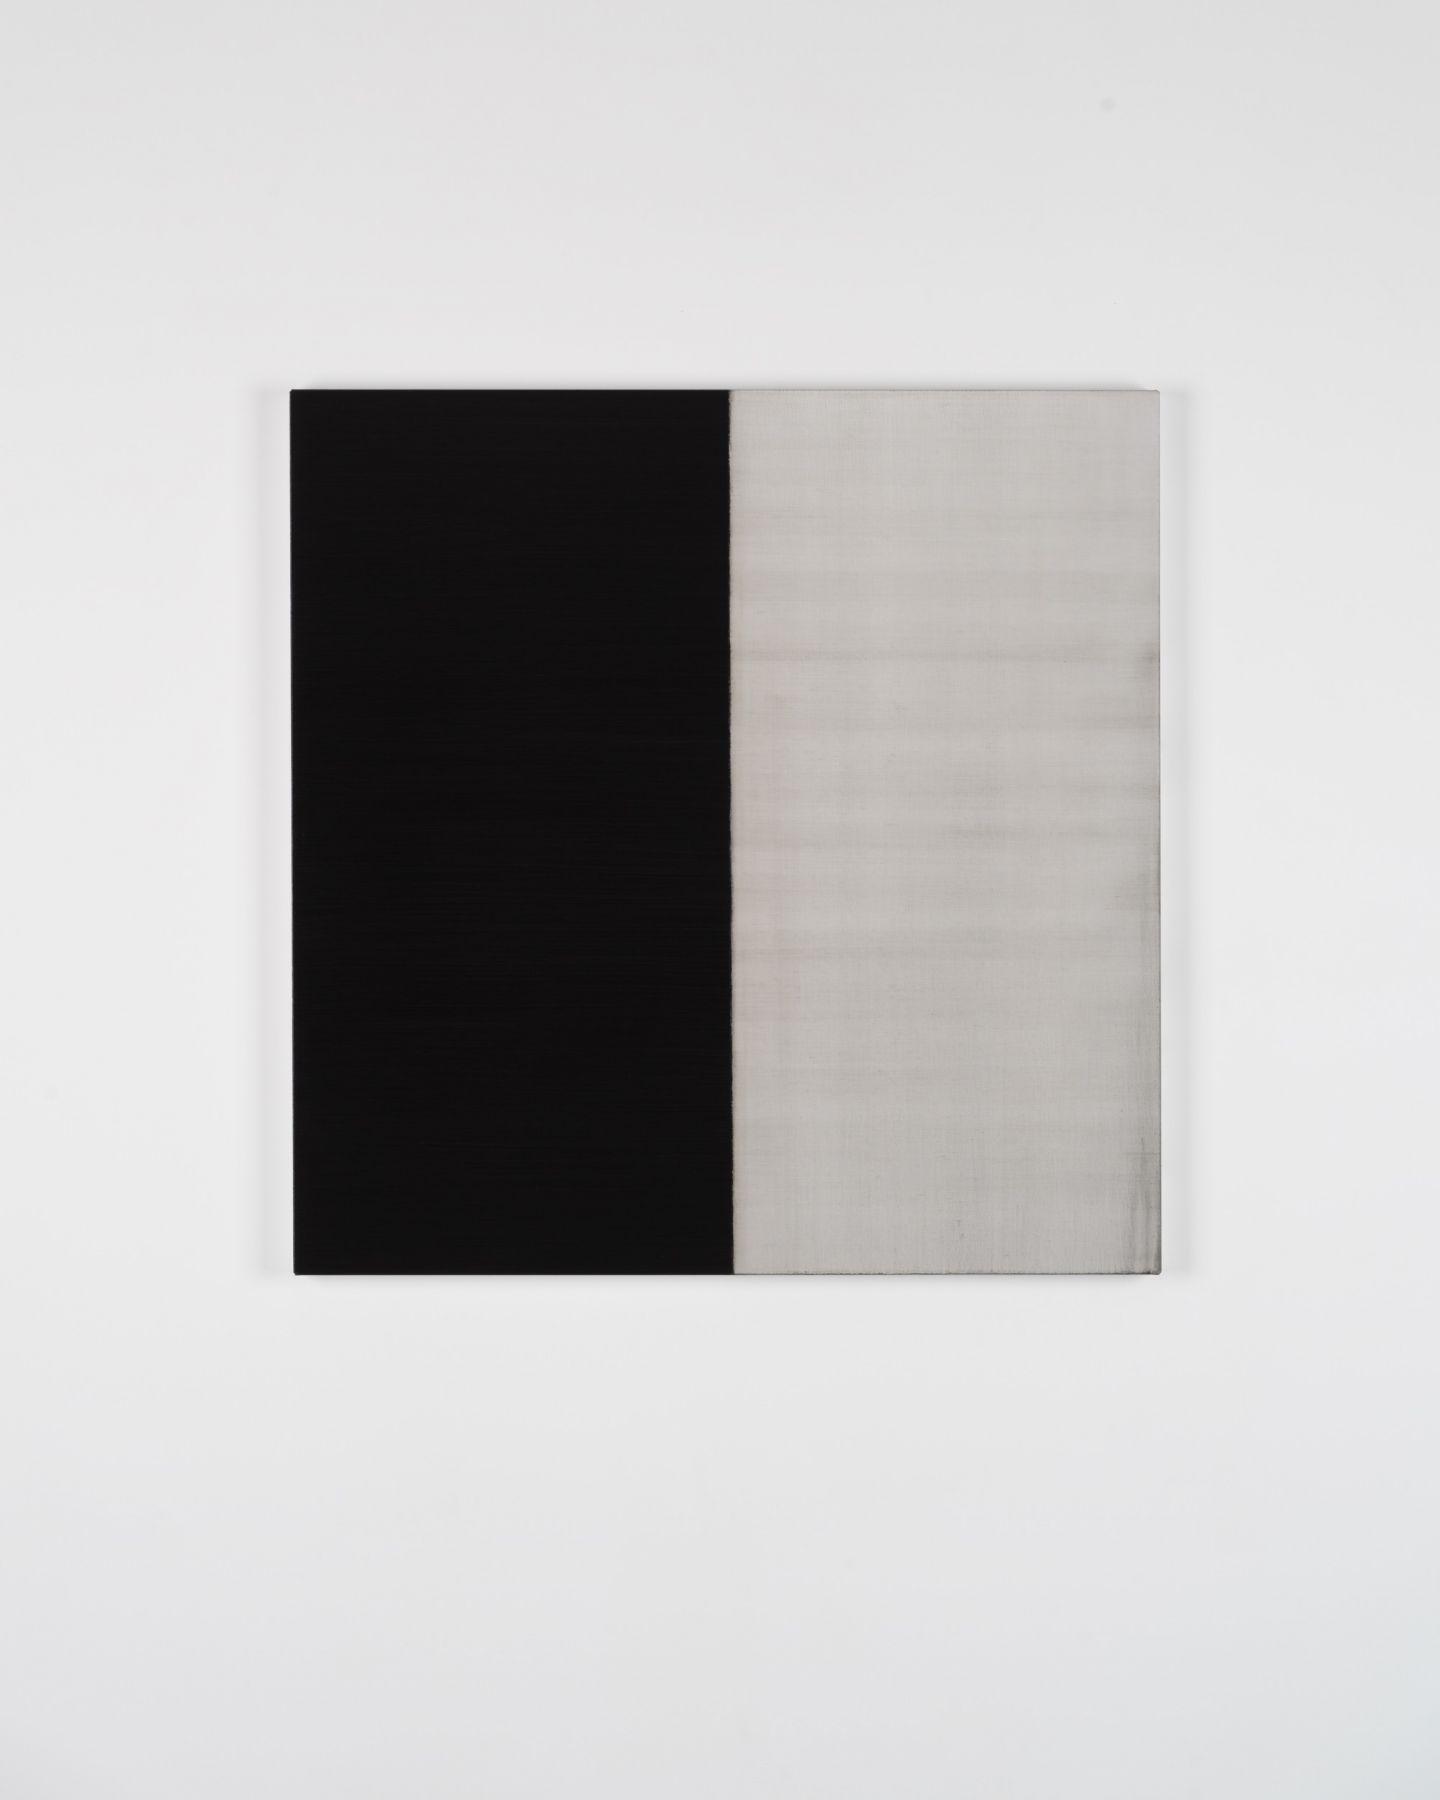 CALLUM INNES Untitled Lamp Black No. 24, 2018